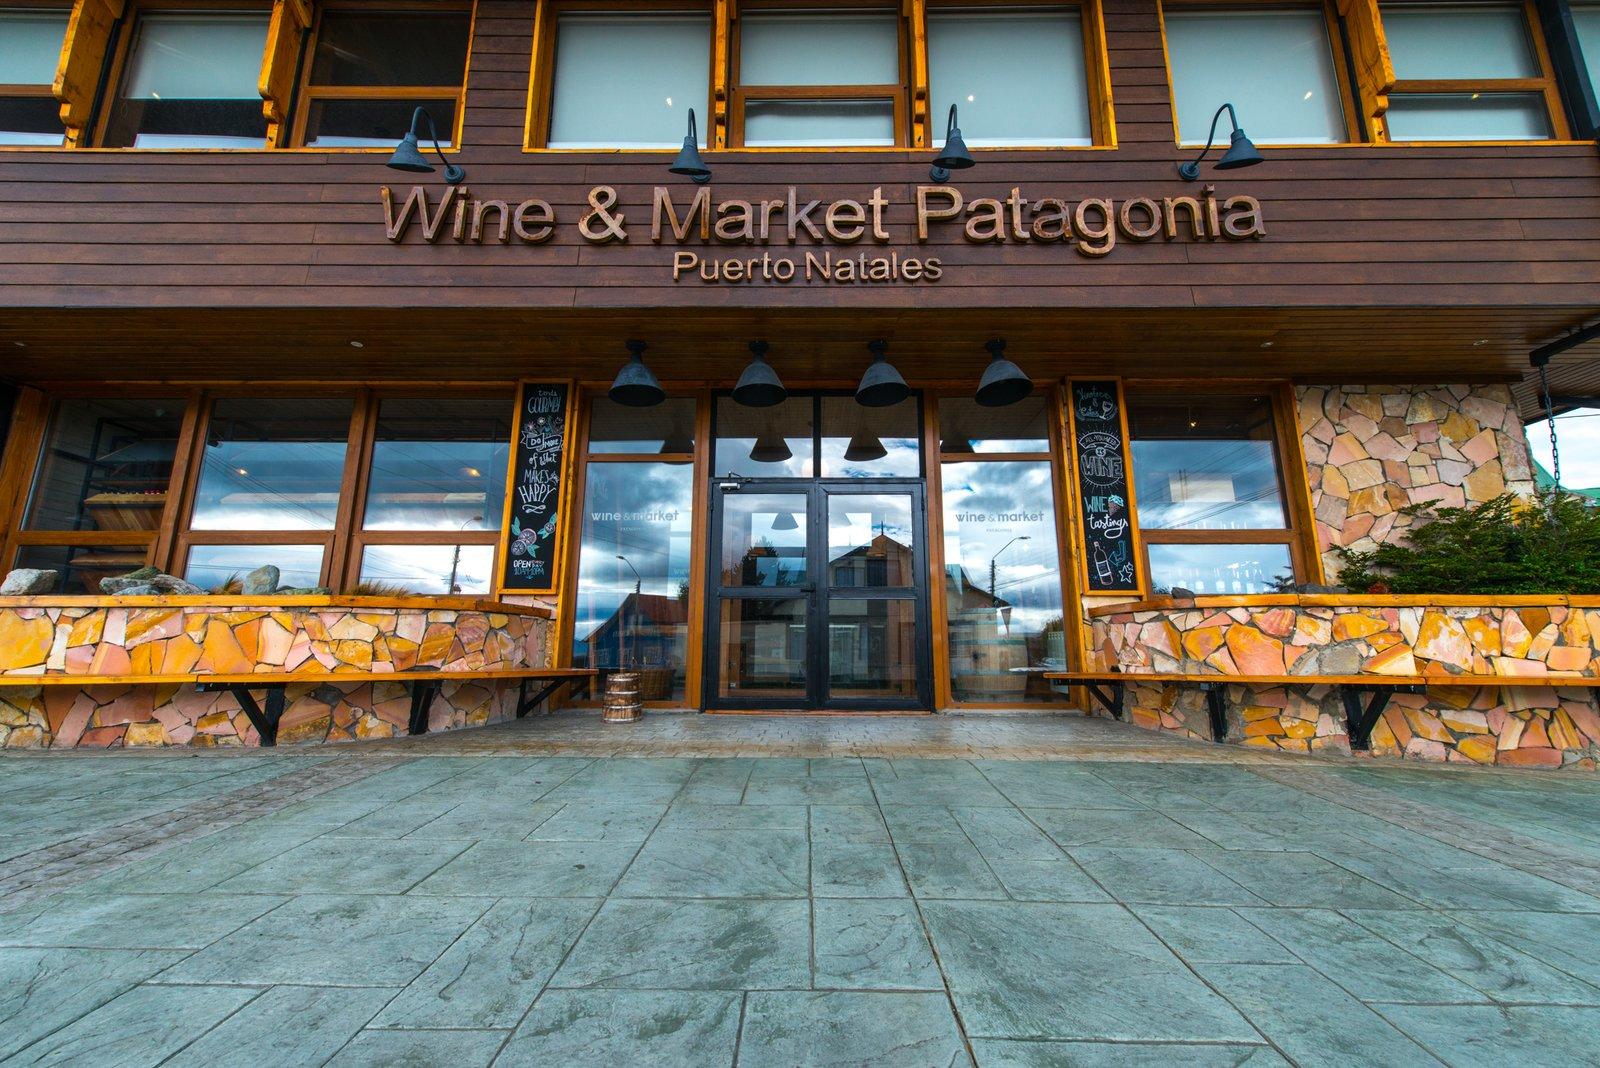 WINE BAR & MARKET PATAGONIA